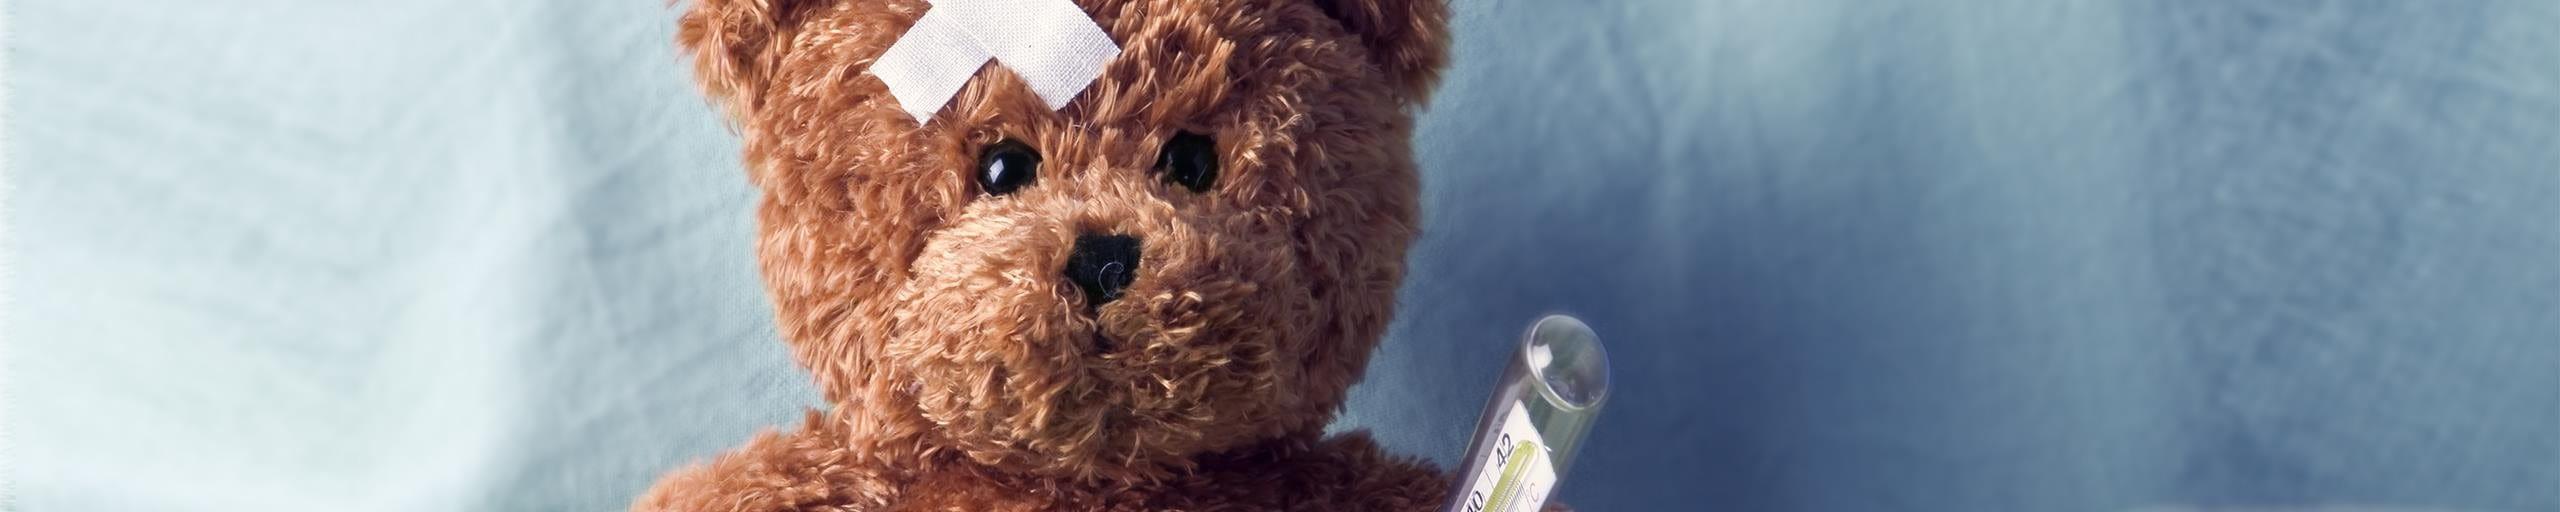 Teddy bear lying in bed.